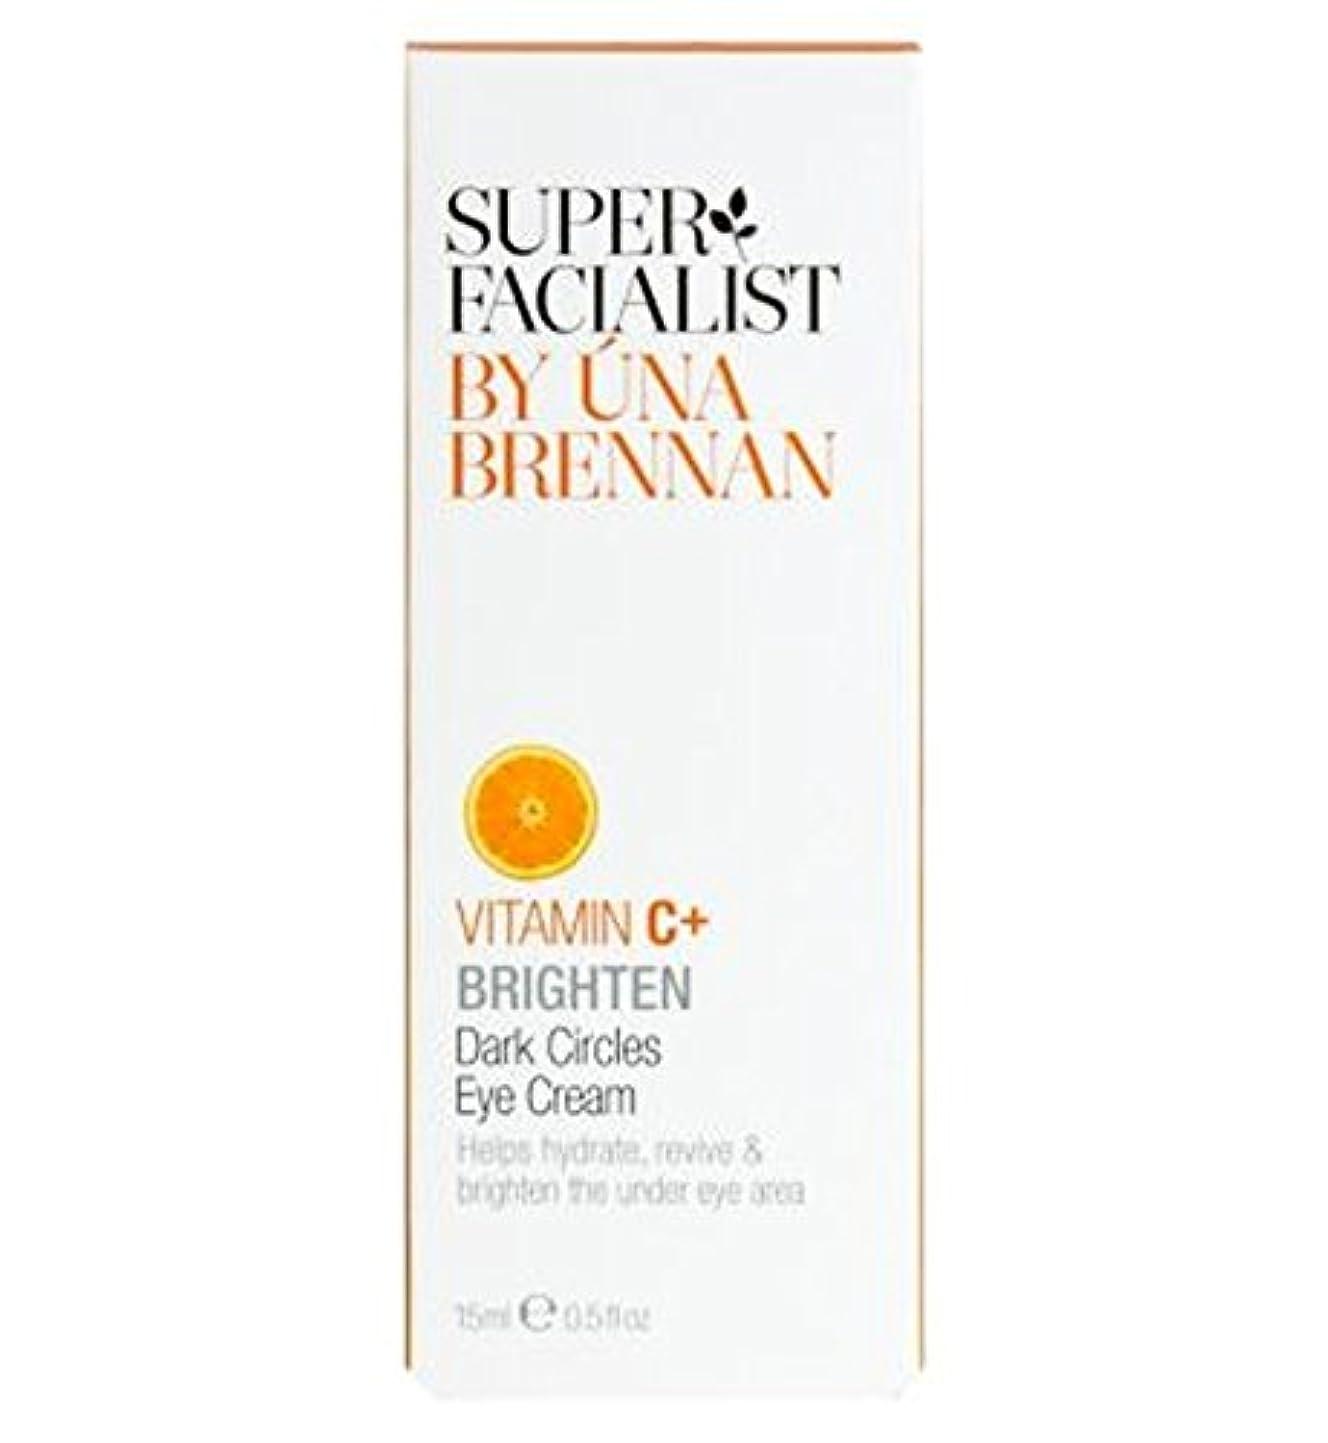 サスペンド完璧なサミットSuperfacialist Vitamin C+ Dark Circles Eye Cream 15ml - SuperfacialistビタミンC +くまアイクリーム15ミリリットル (Superfacialist)...